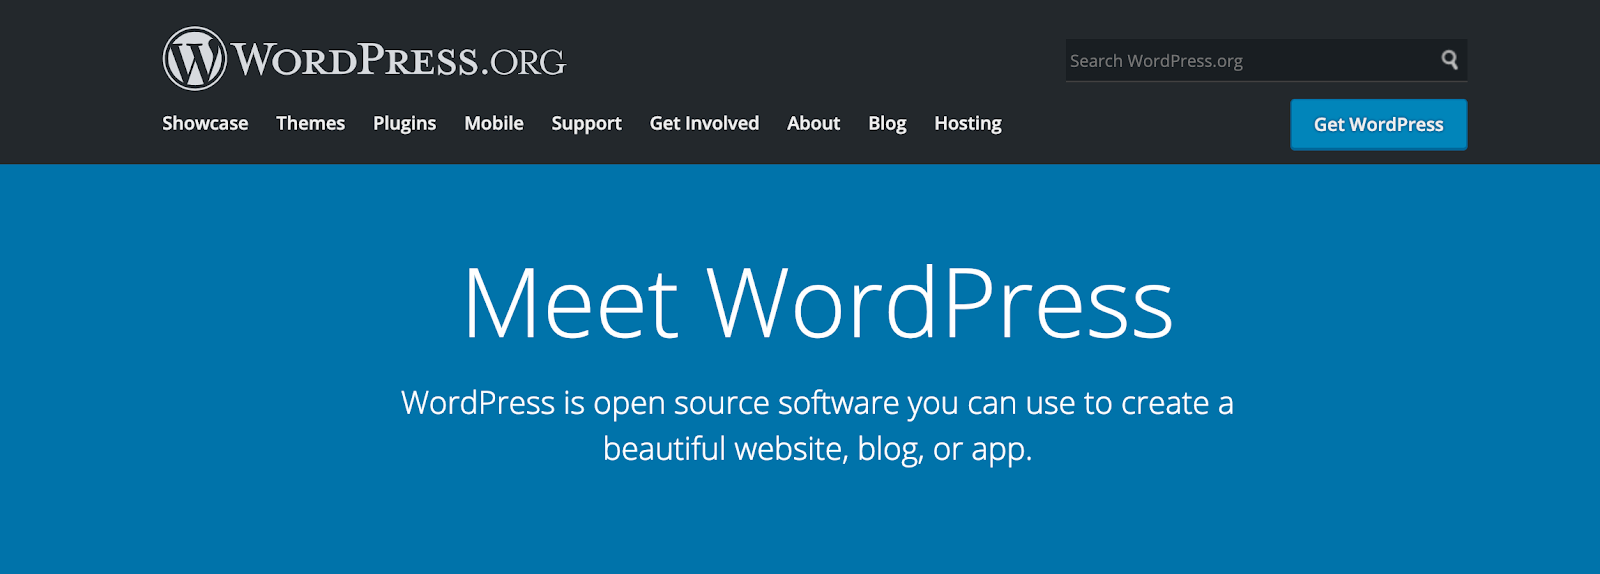 Wordpress.org - best blogging platform